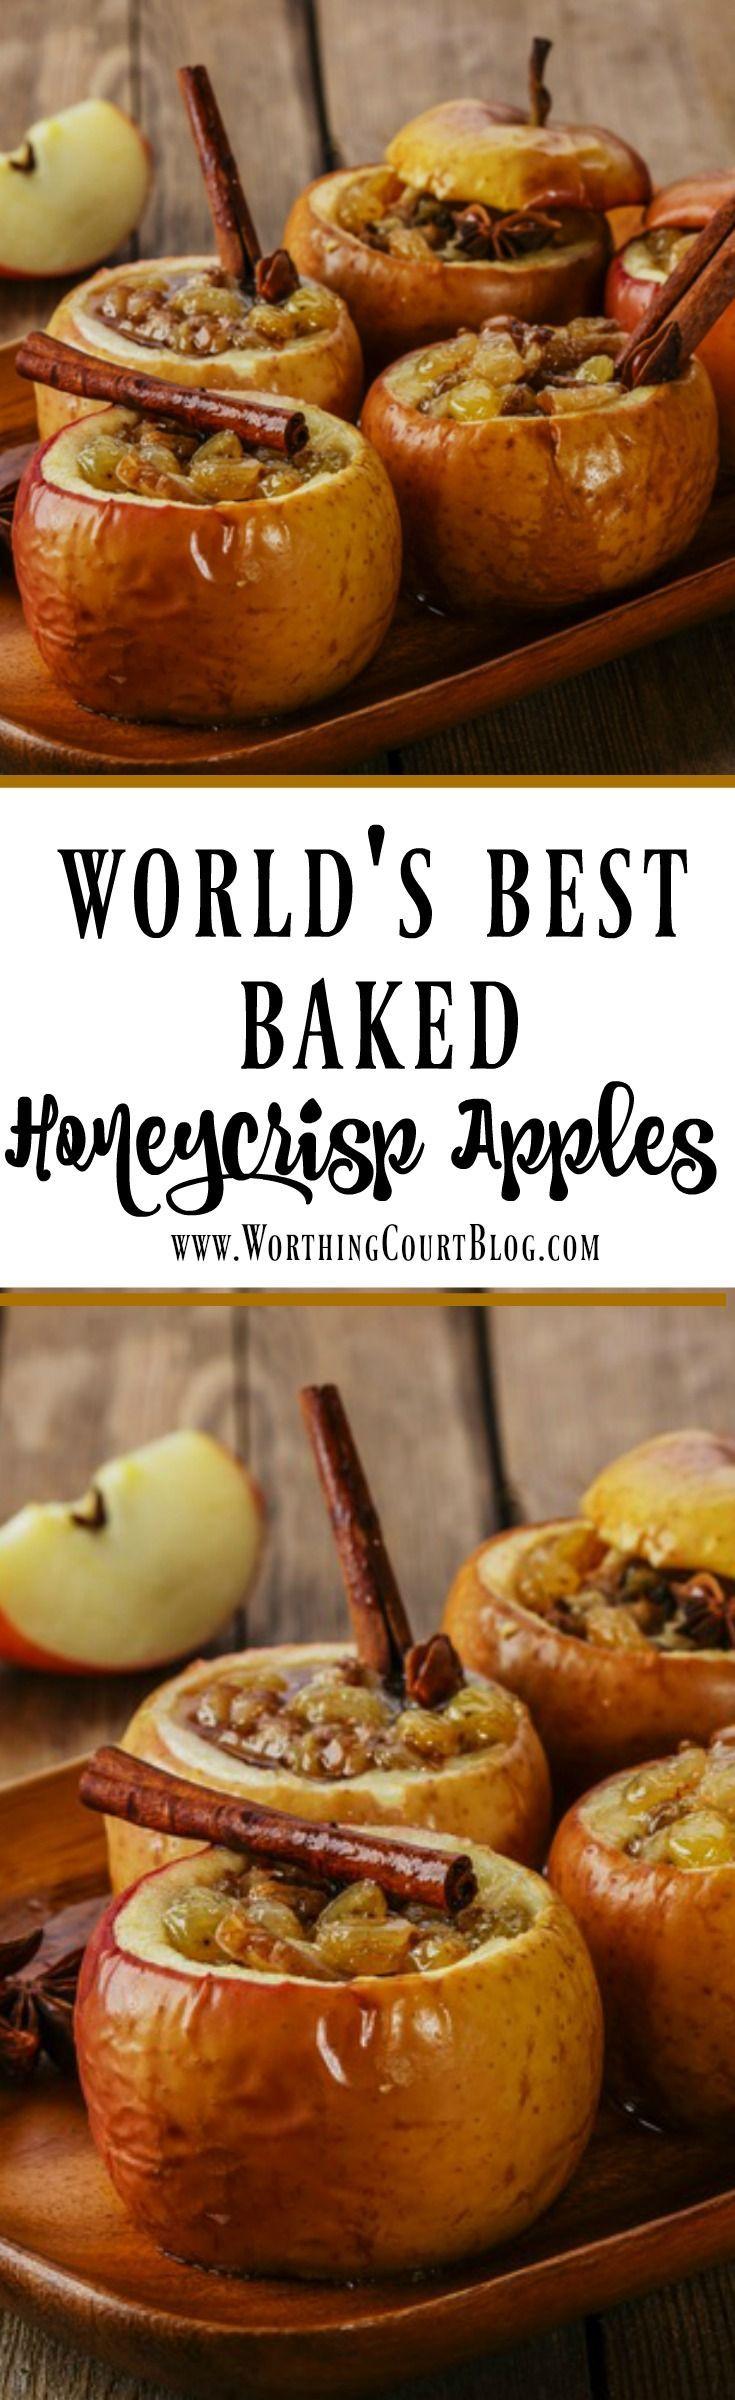 The World's Best Baked Honeycrisp Apples - Worthing Court